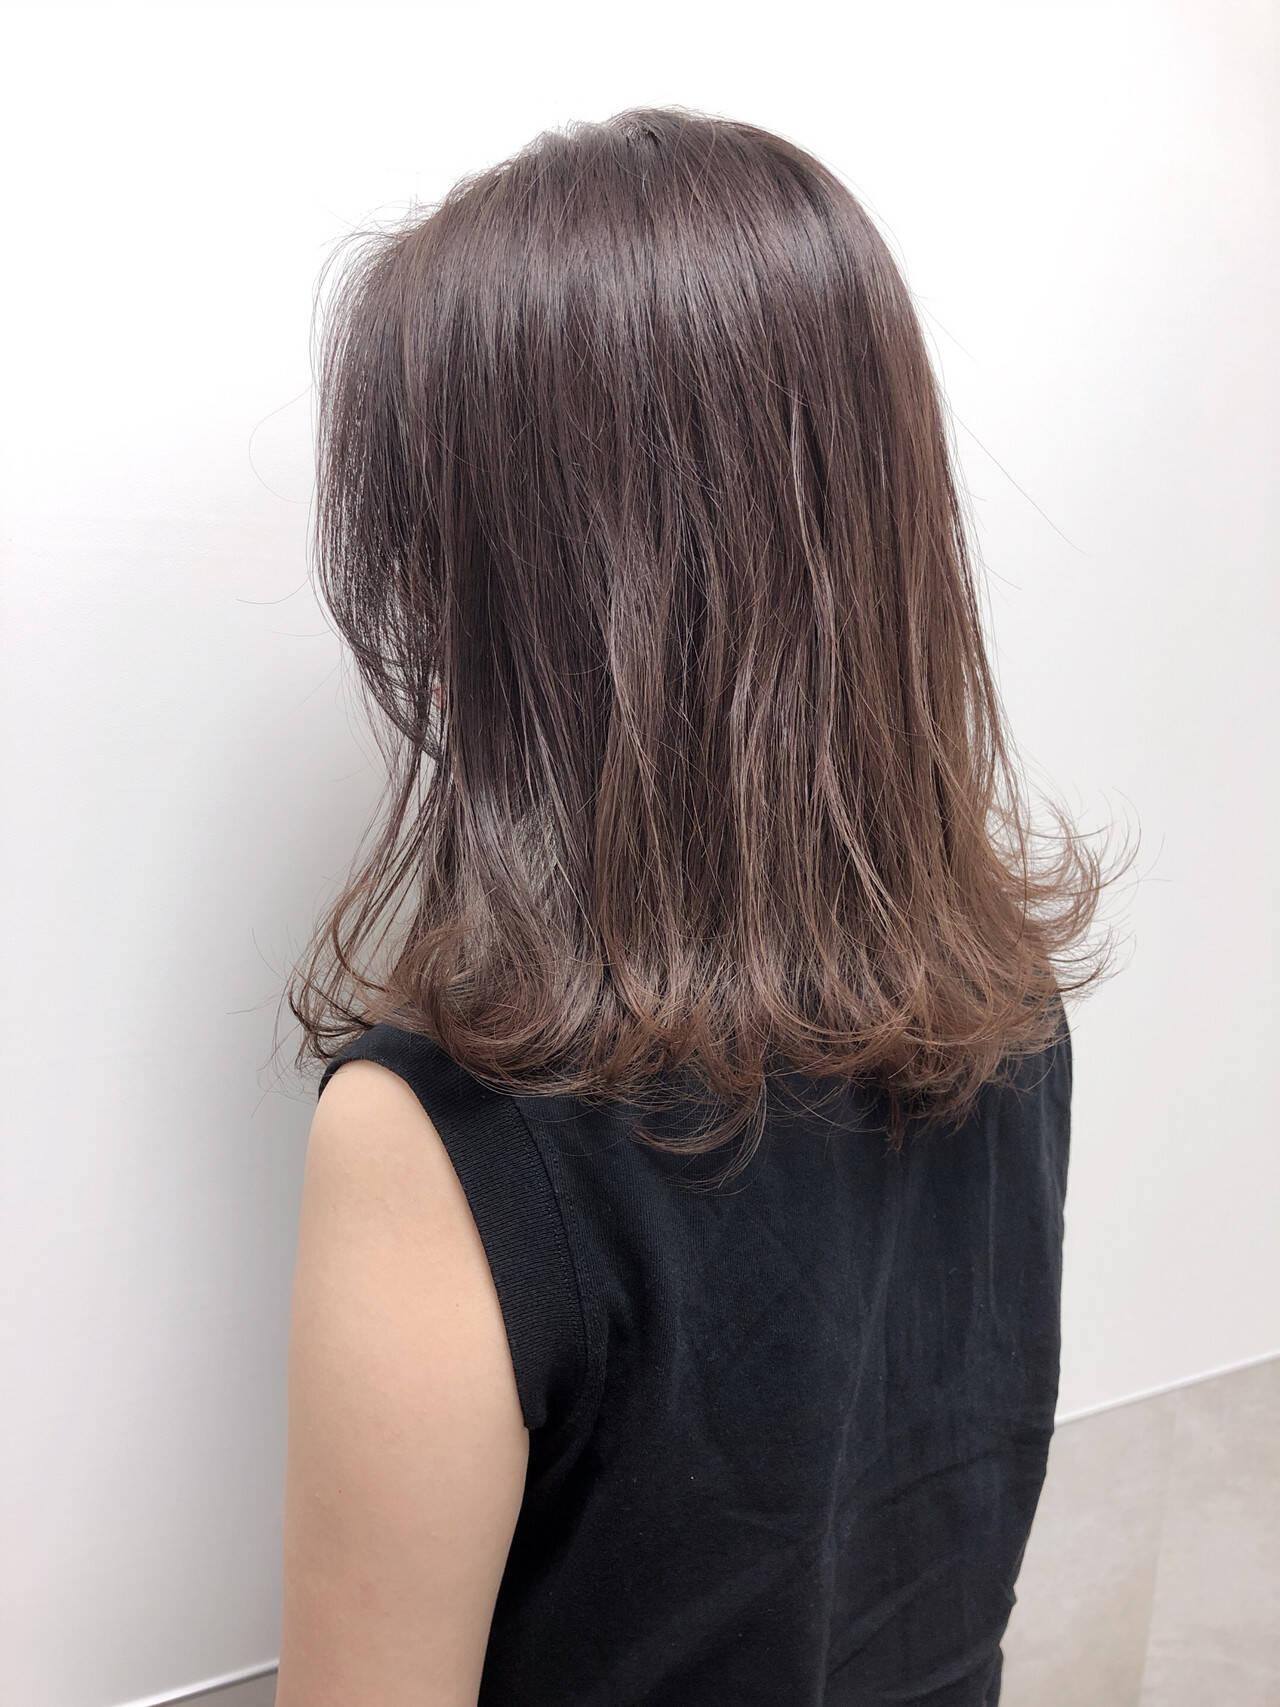 レイヤーカット ベージュ シアーベージュ ヌーディベージュヘアスタイルや髪型の写真・画像